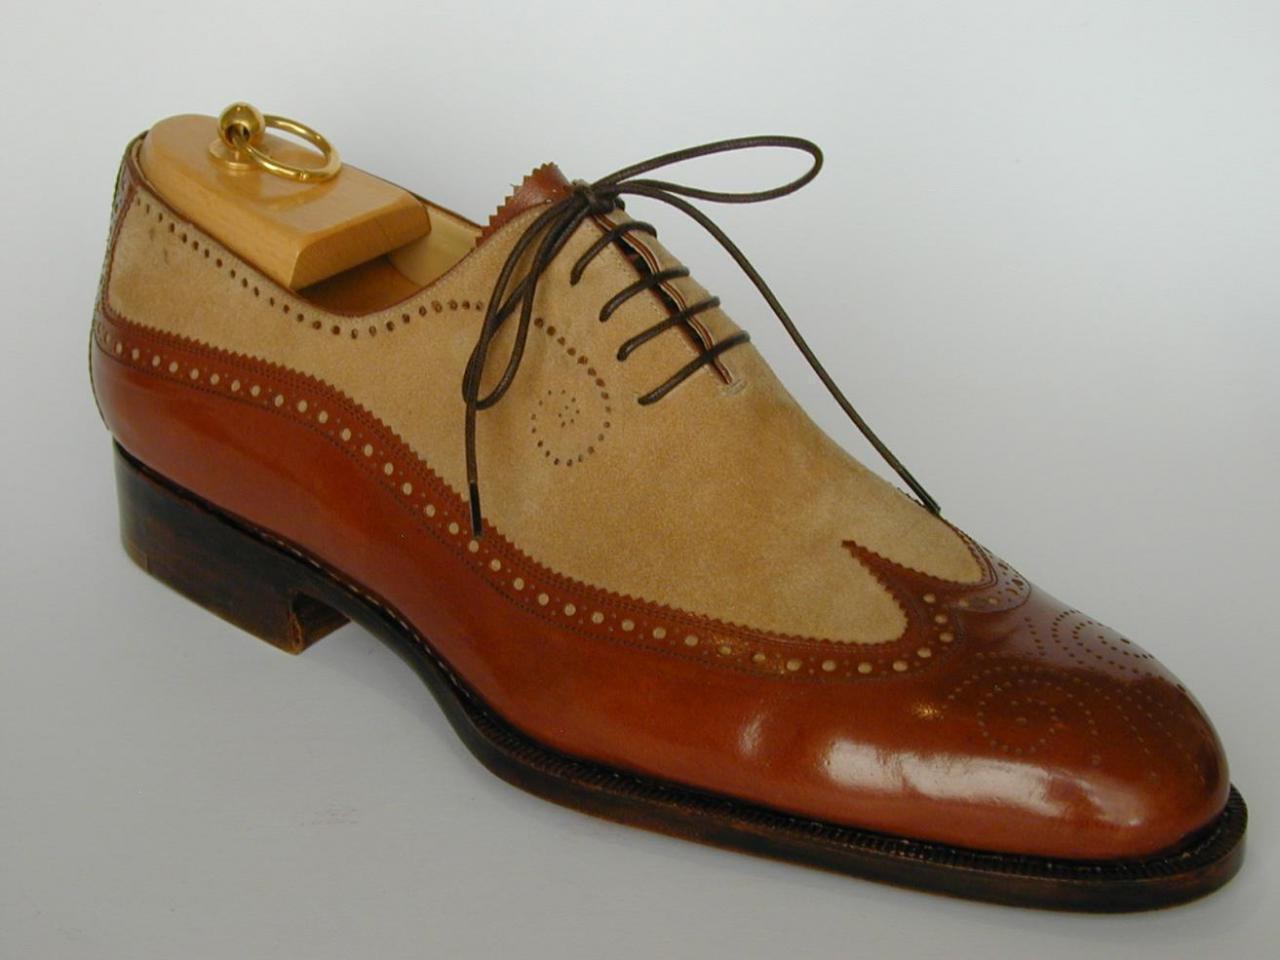 Homme Fait à la main Chaussures en daim Mix Bout D'Aile Richelieu à marron semelle en cuir   chaussures